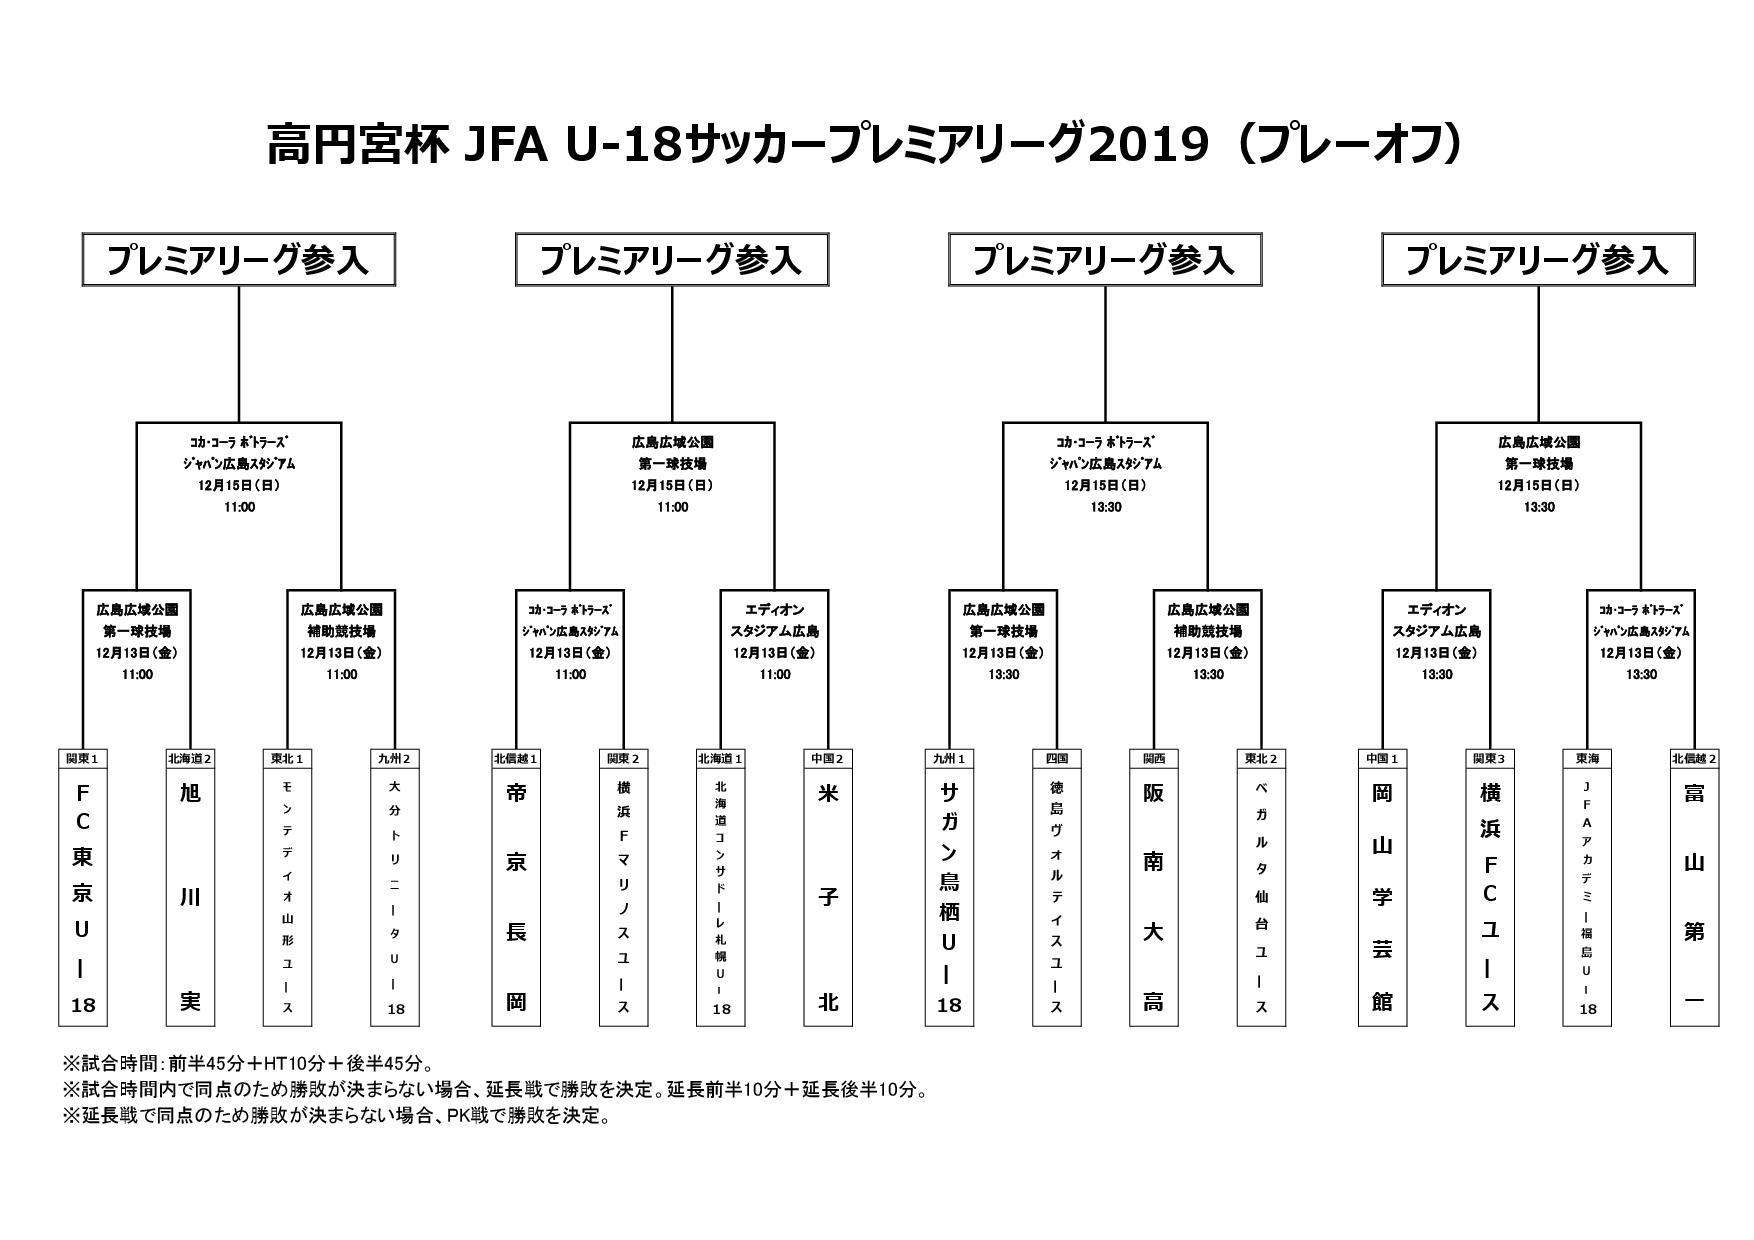 高円宮杯 JFA U-18サッカープレミアリーグ2019(プレーオフ)